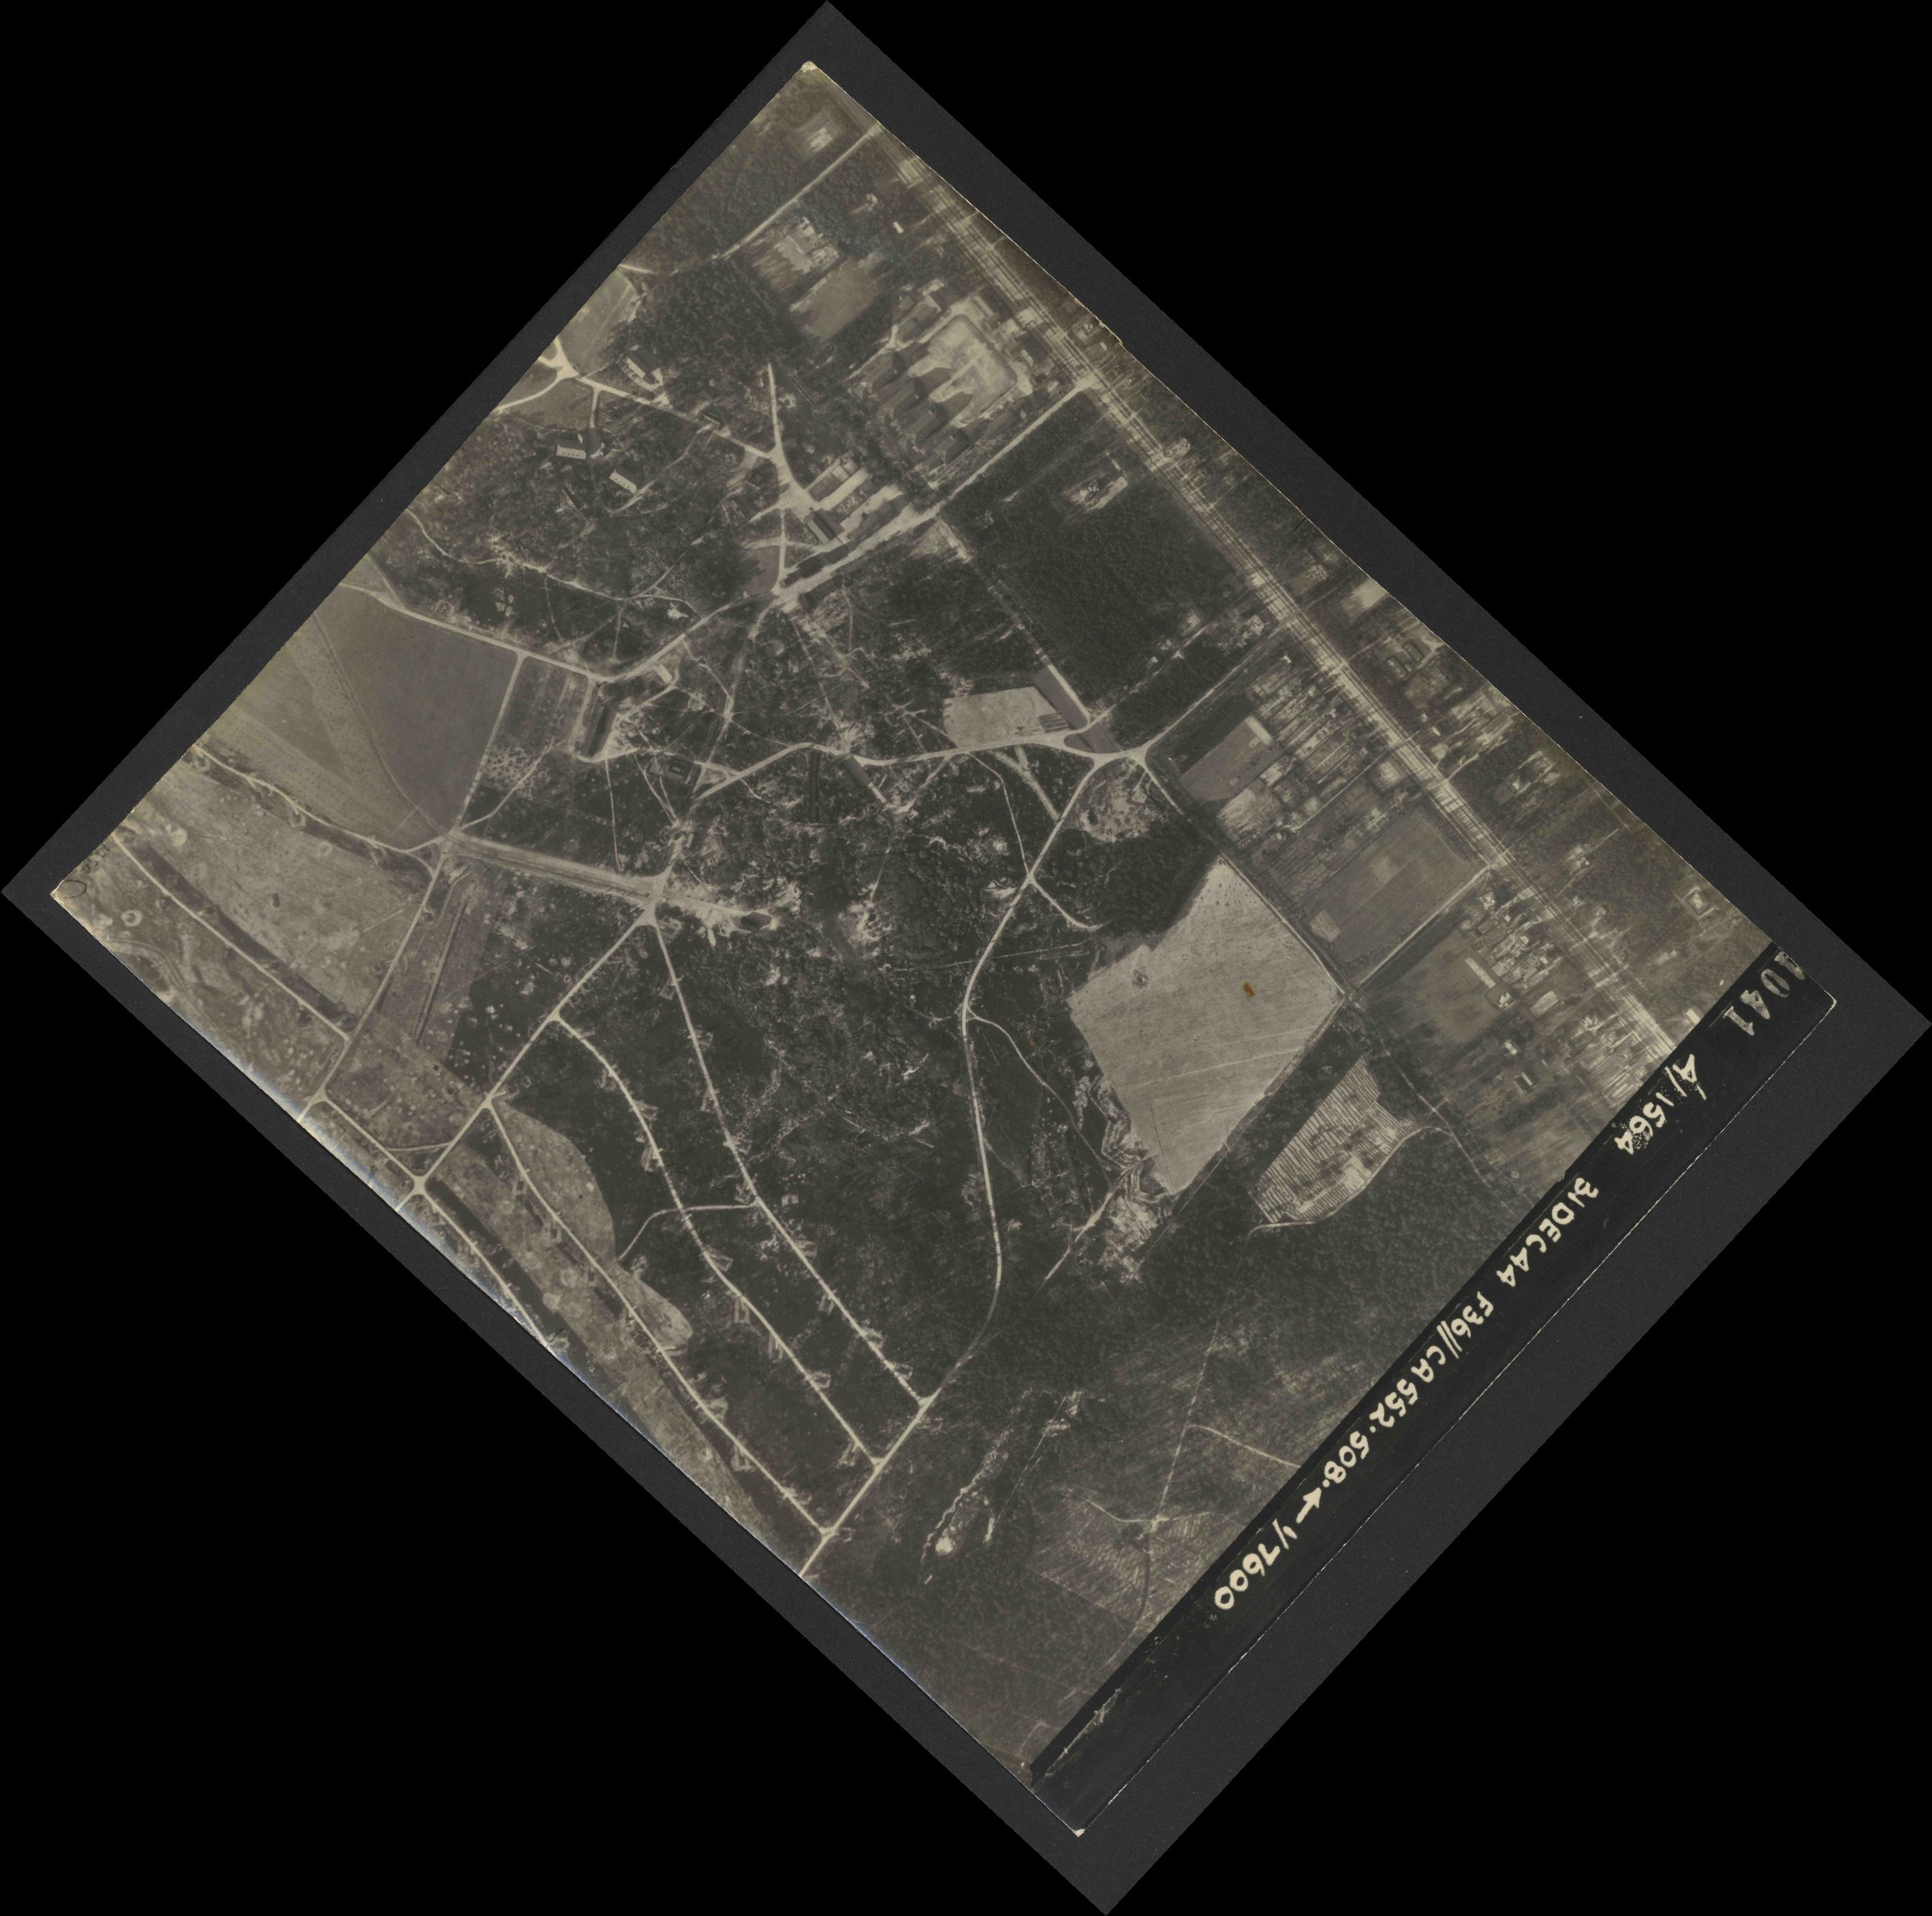 Collection RAF aerial photos 1940-1945 - flight 351, run 02, photo 4041